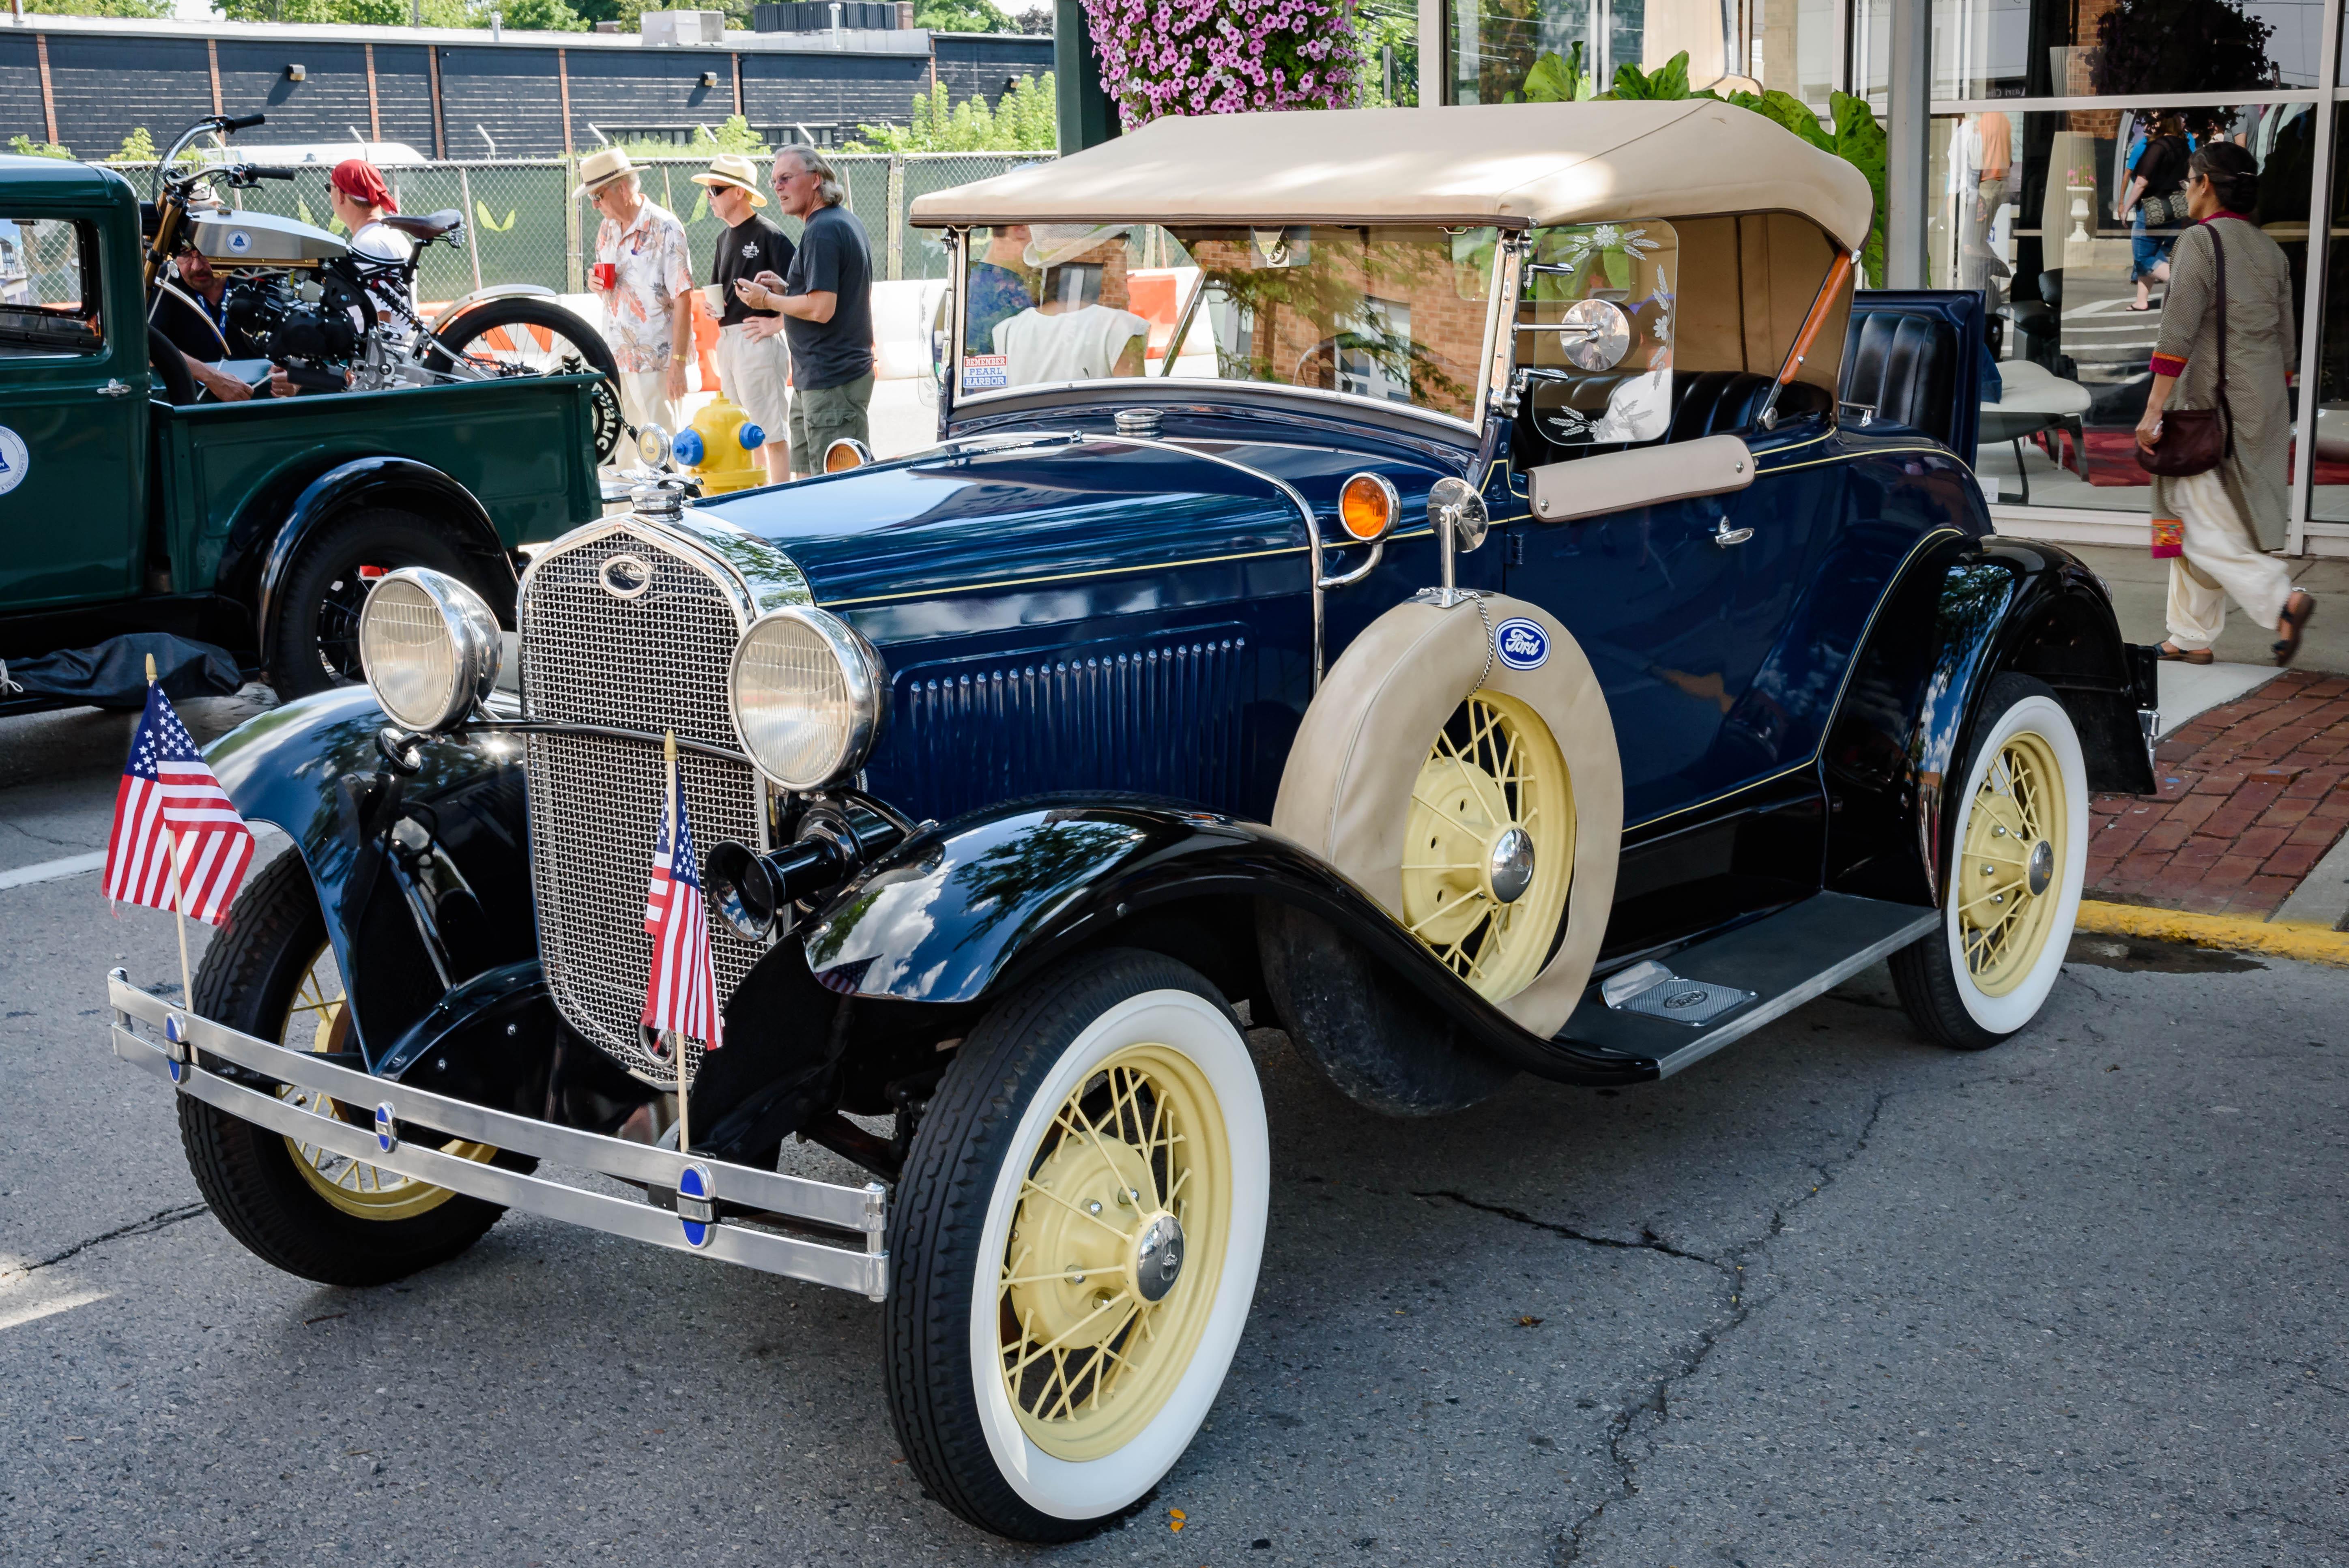 1931 Ford Model A, 2015, Model, Vehicle, Us, HQ Photo